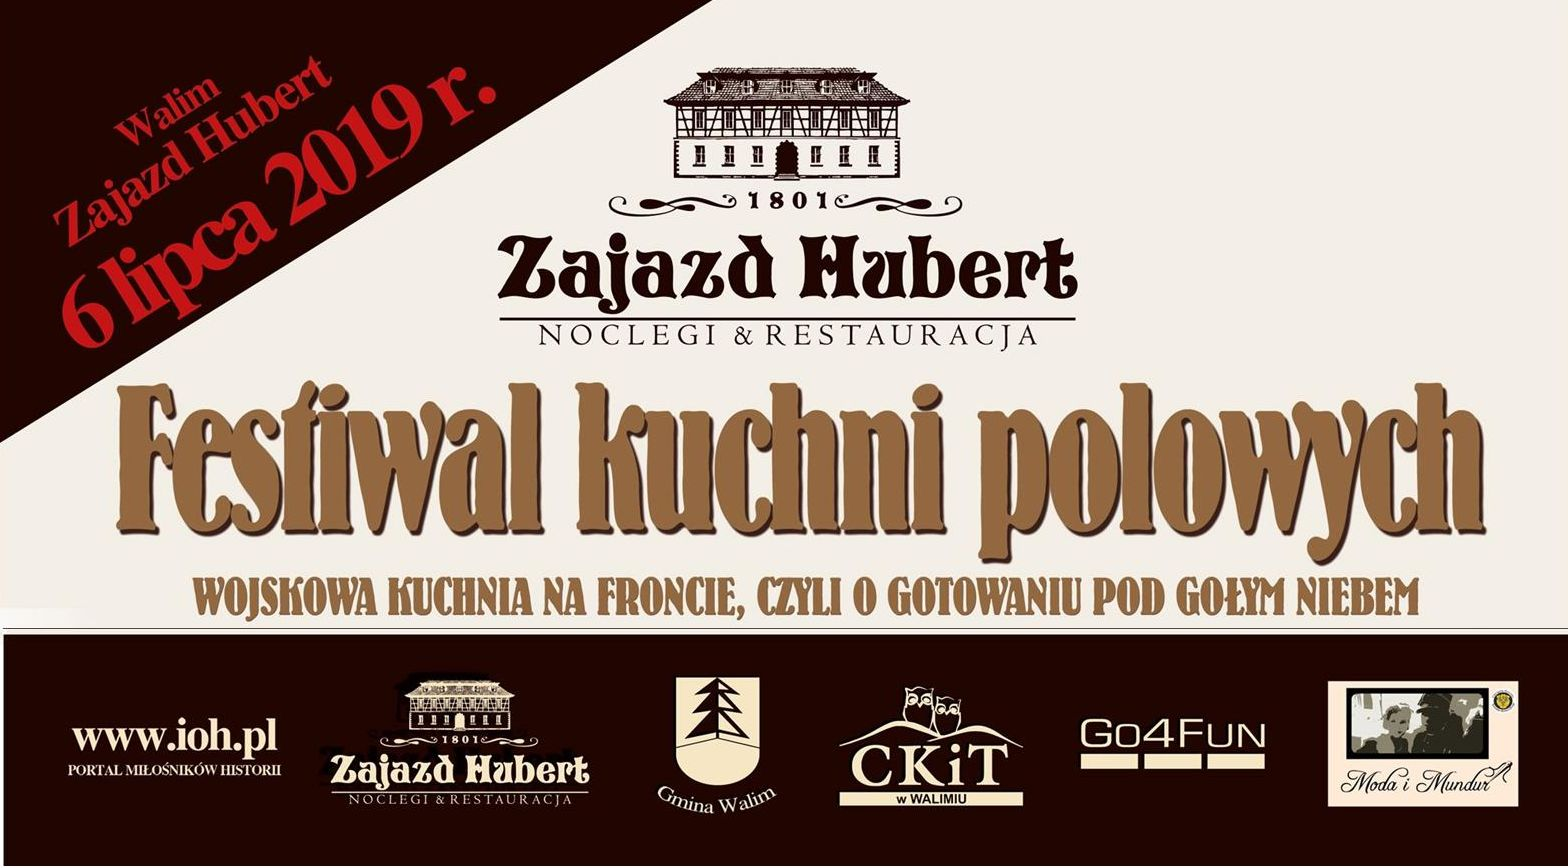 VI Festiwal Kuchni Polowych